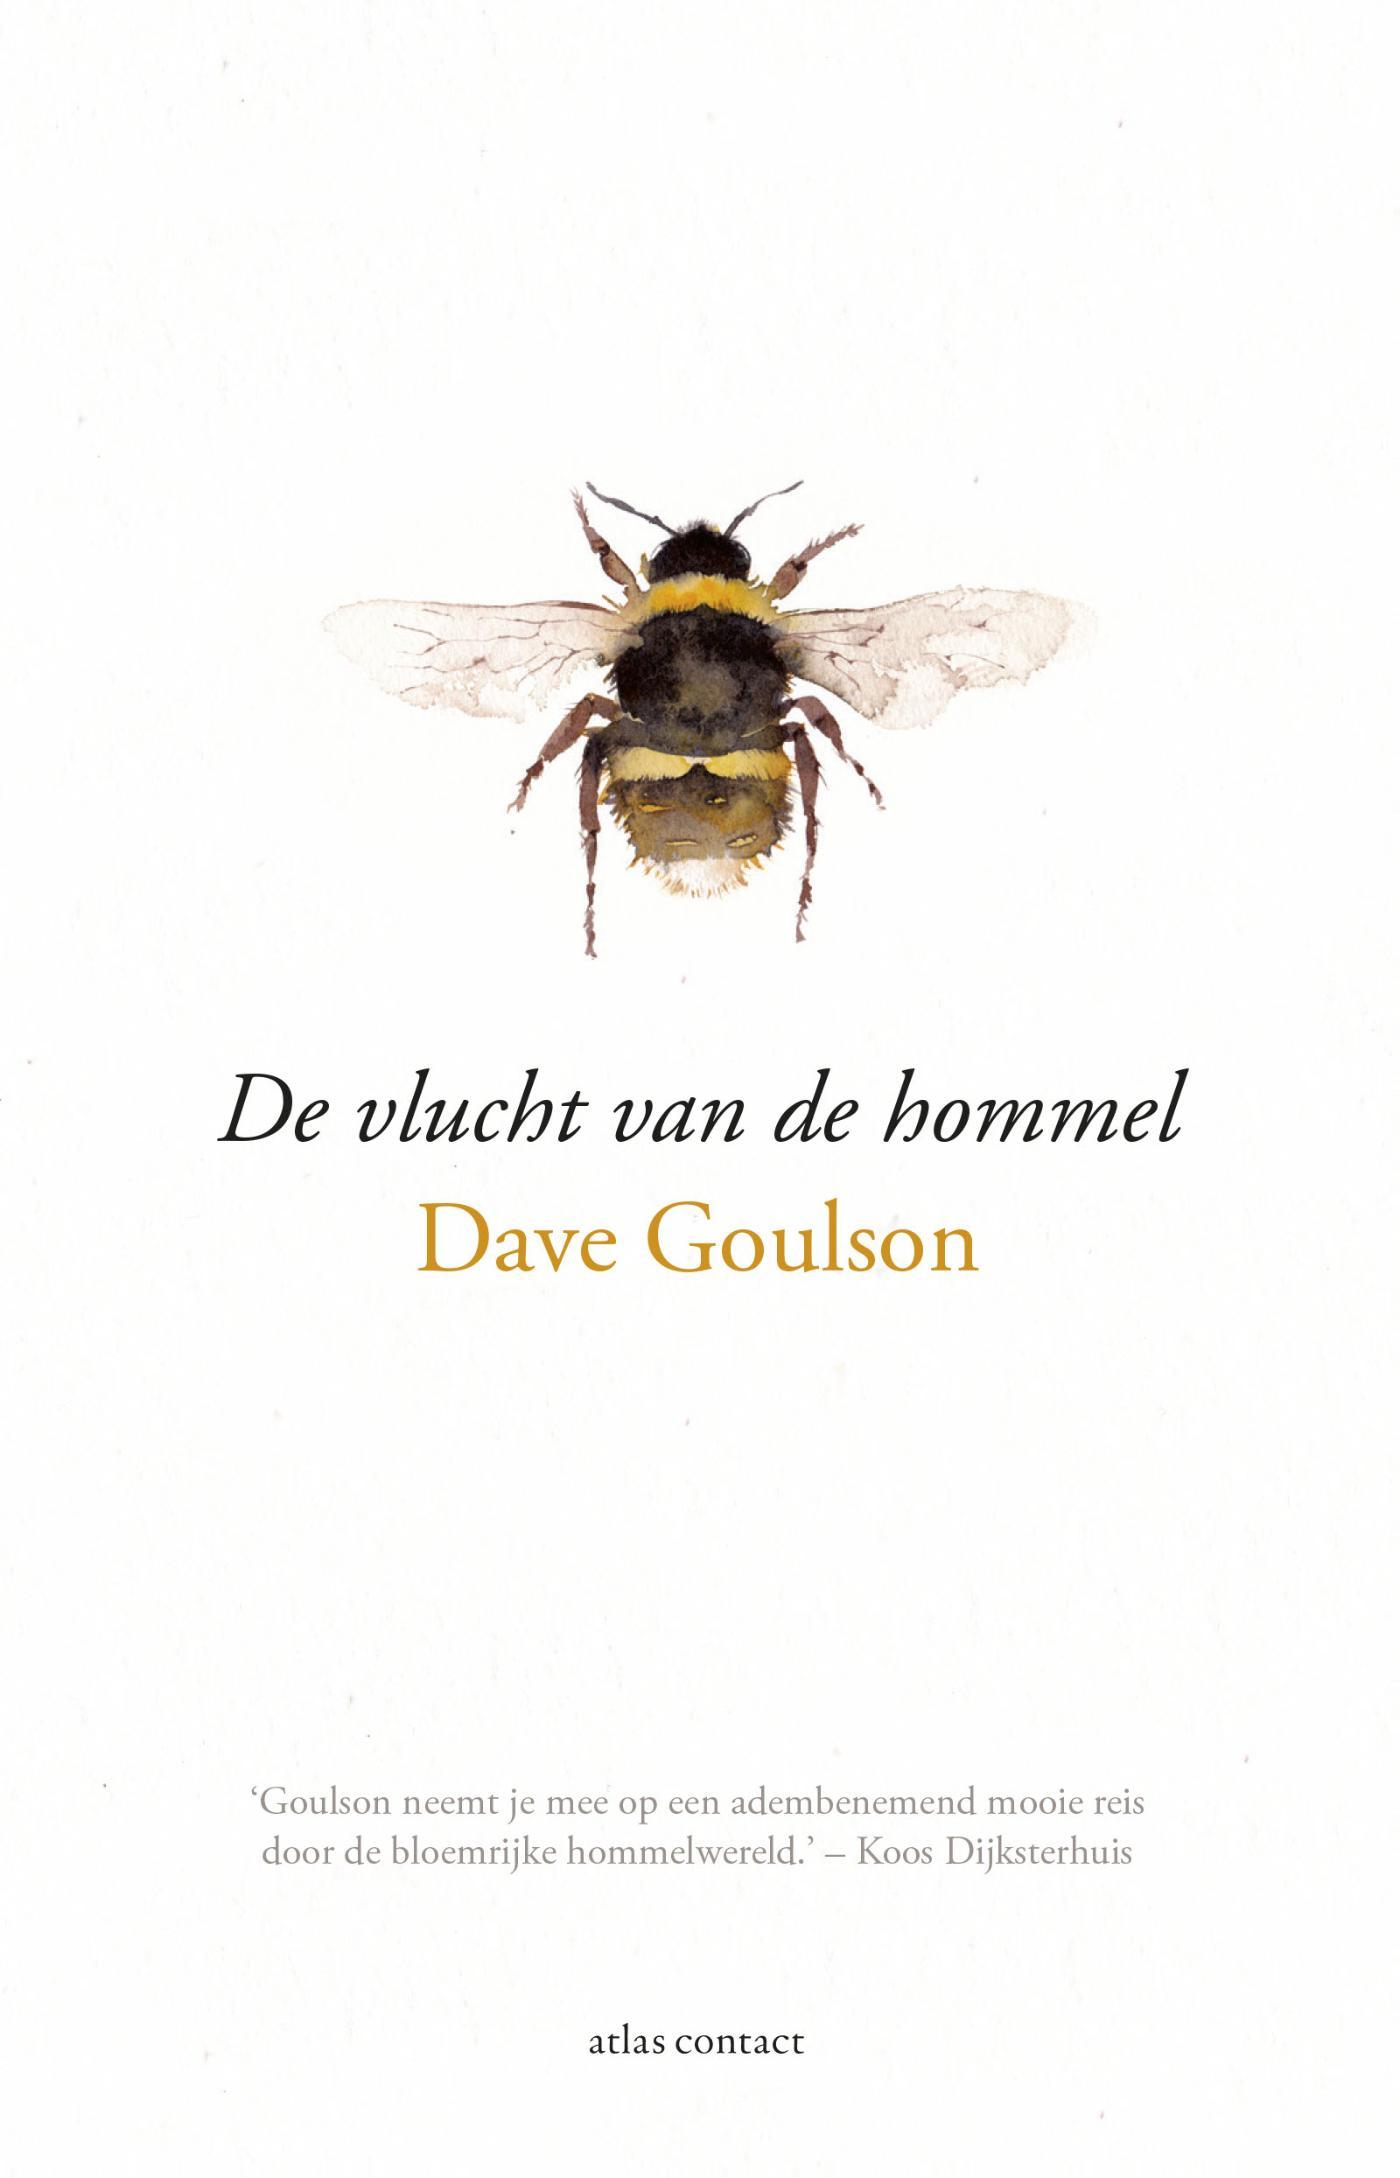 Dave Goulson - De vlucht van de hommel